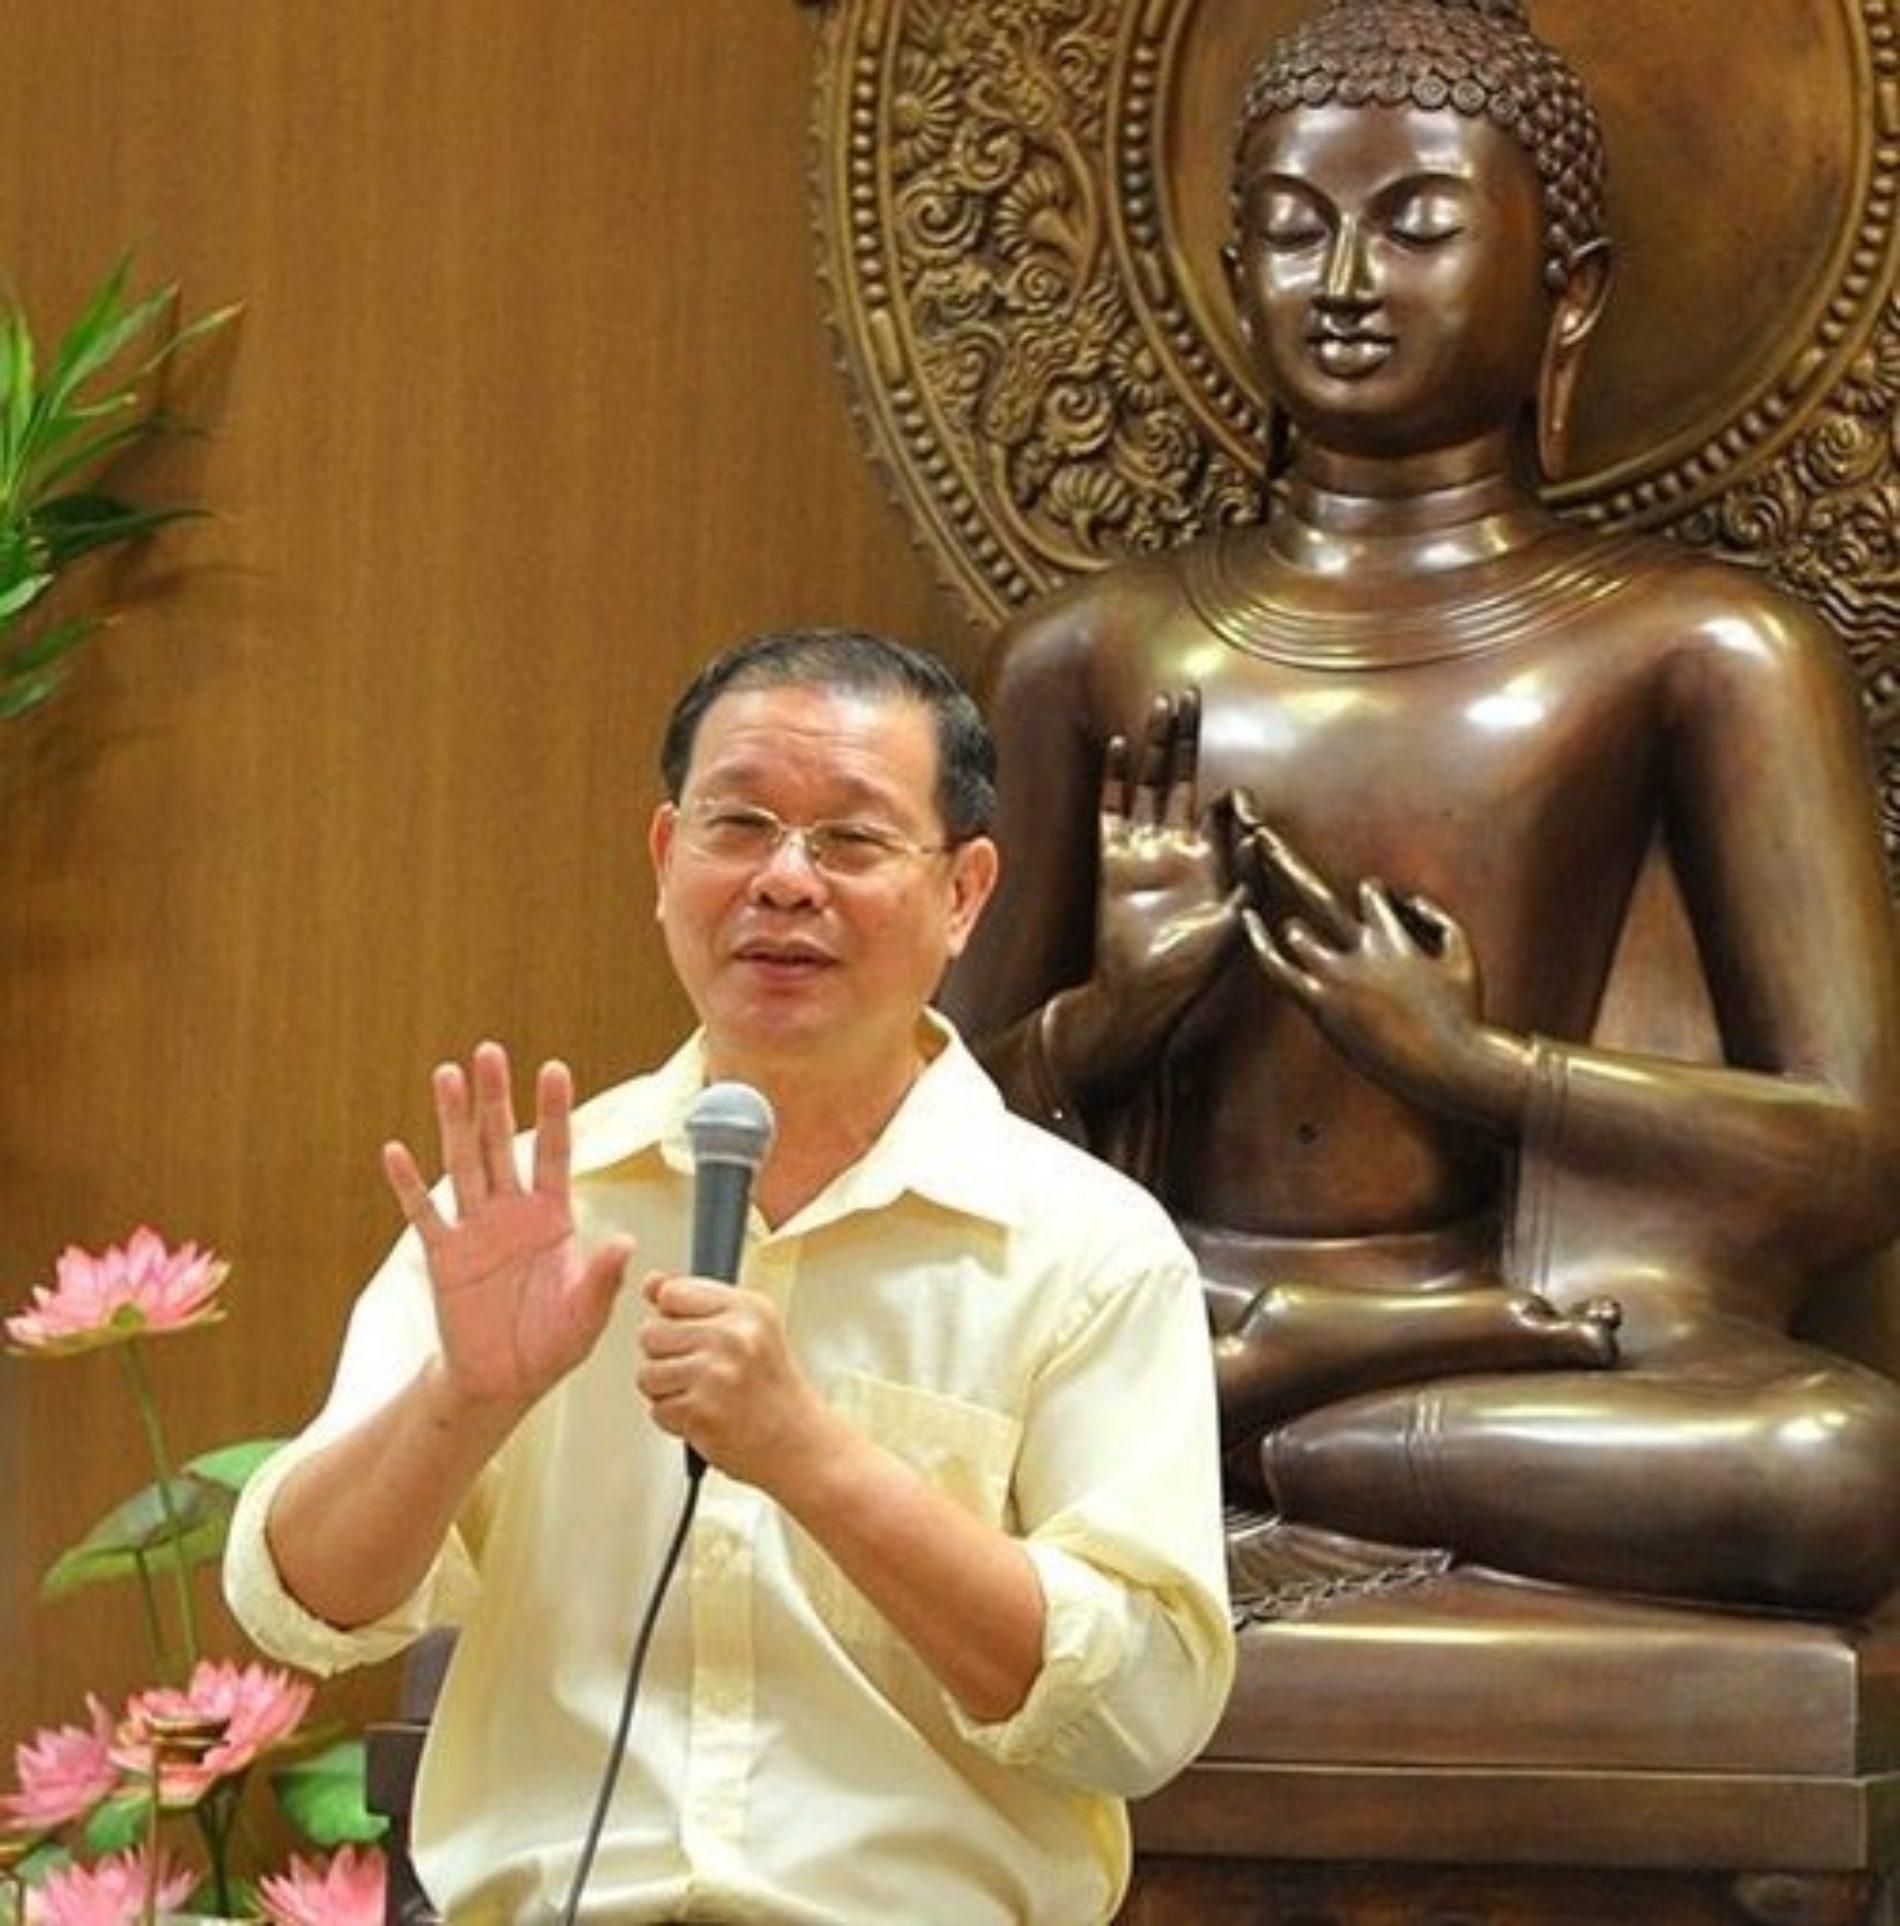 Ранний буддизм.  Развитие.  Изменение.  Различение  —  Пийя Тан